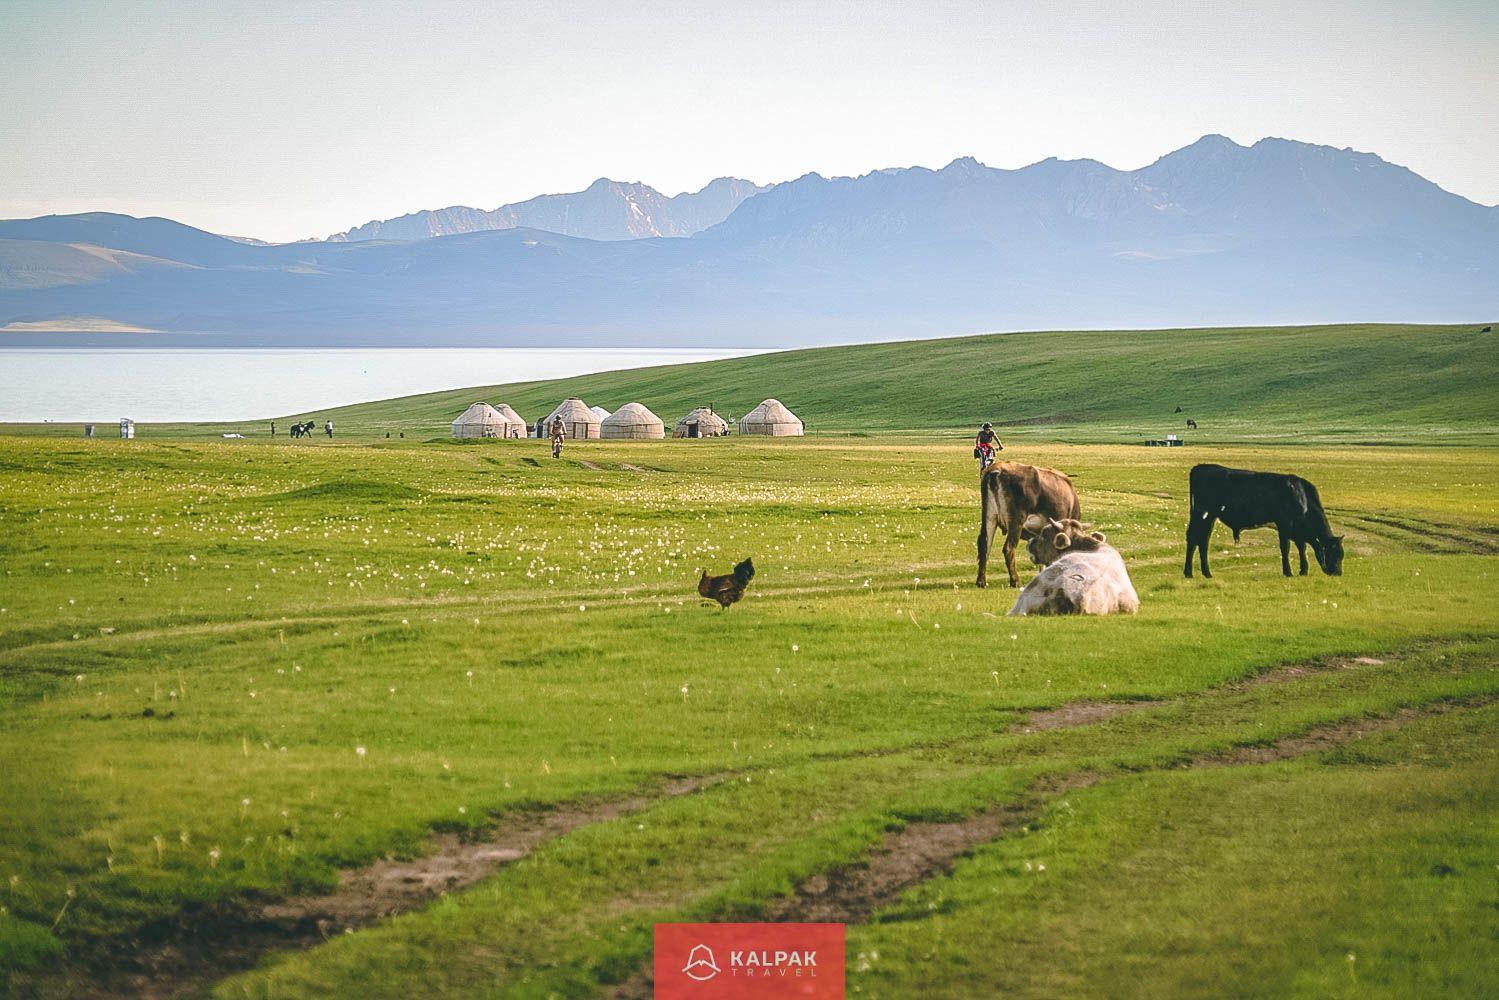 Sommer in Kirgisistan, beste Reisezeit